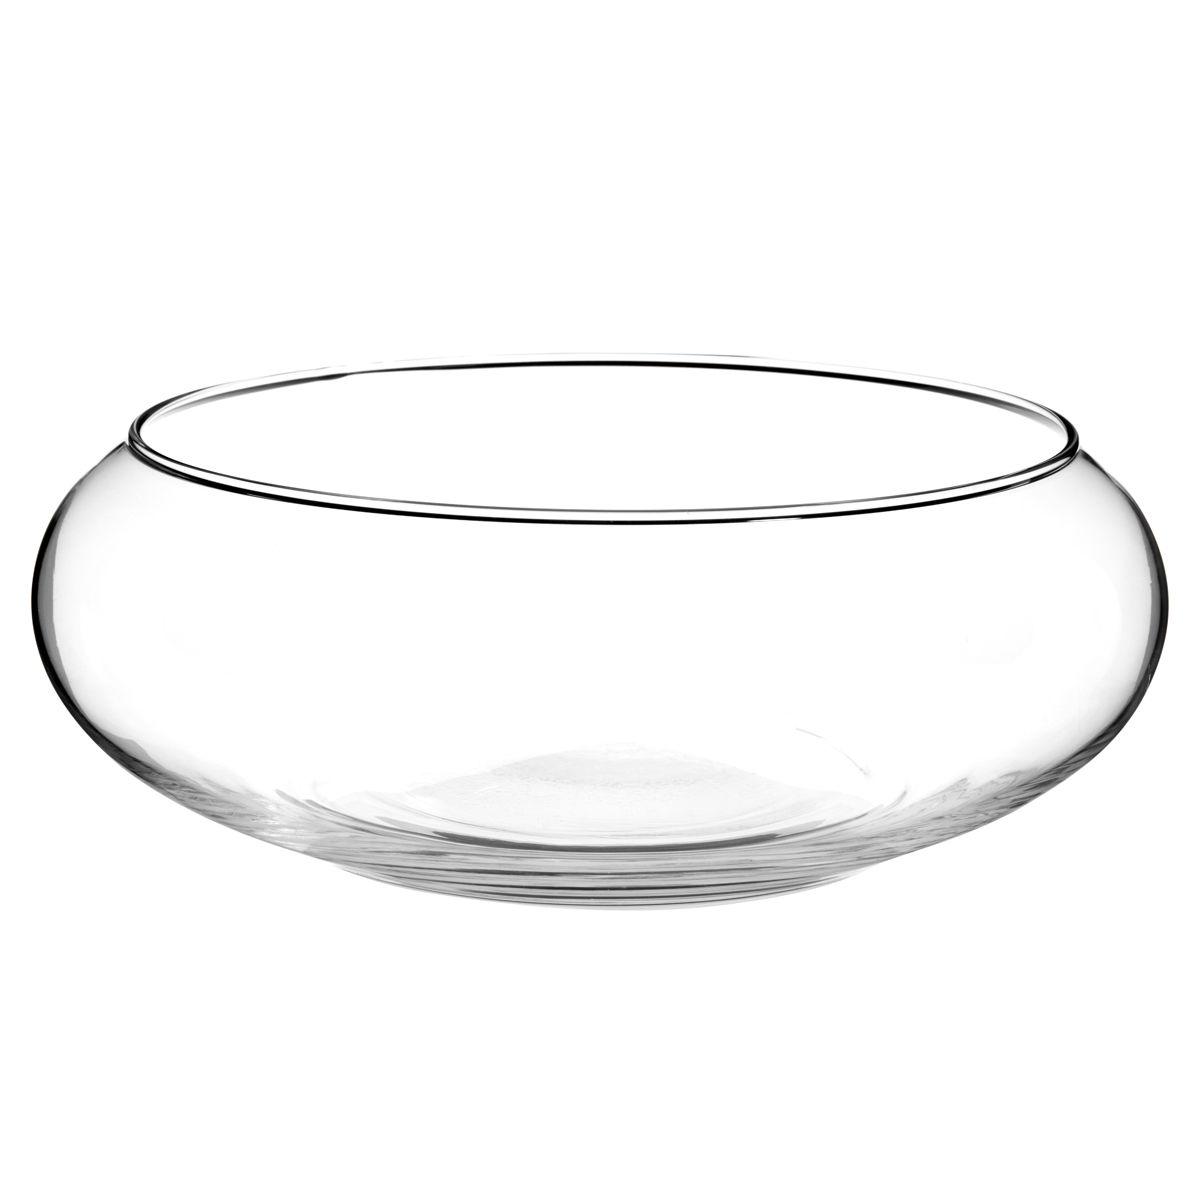 maison du monde coupe bougie flottante en verre h 8 cm acheter pinte. Black Bedroom Furniture Sets. Home Design Ideas